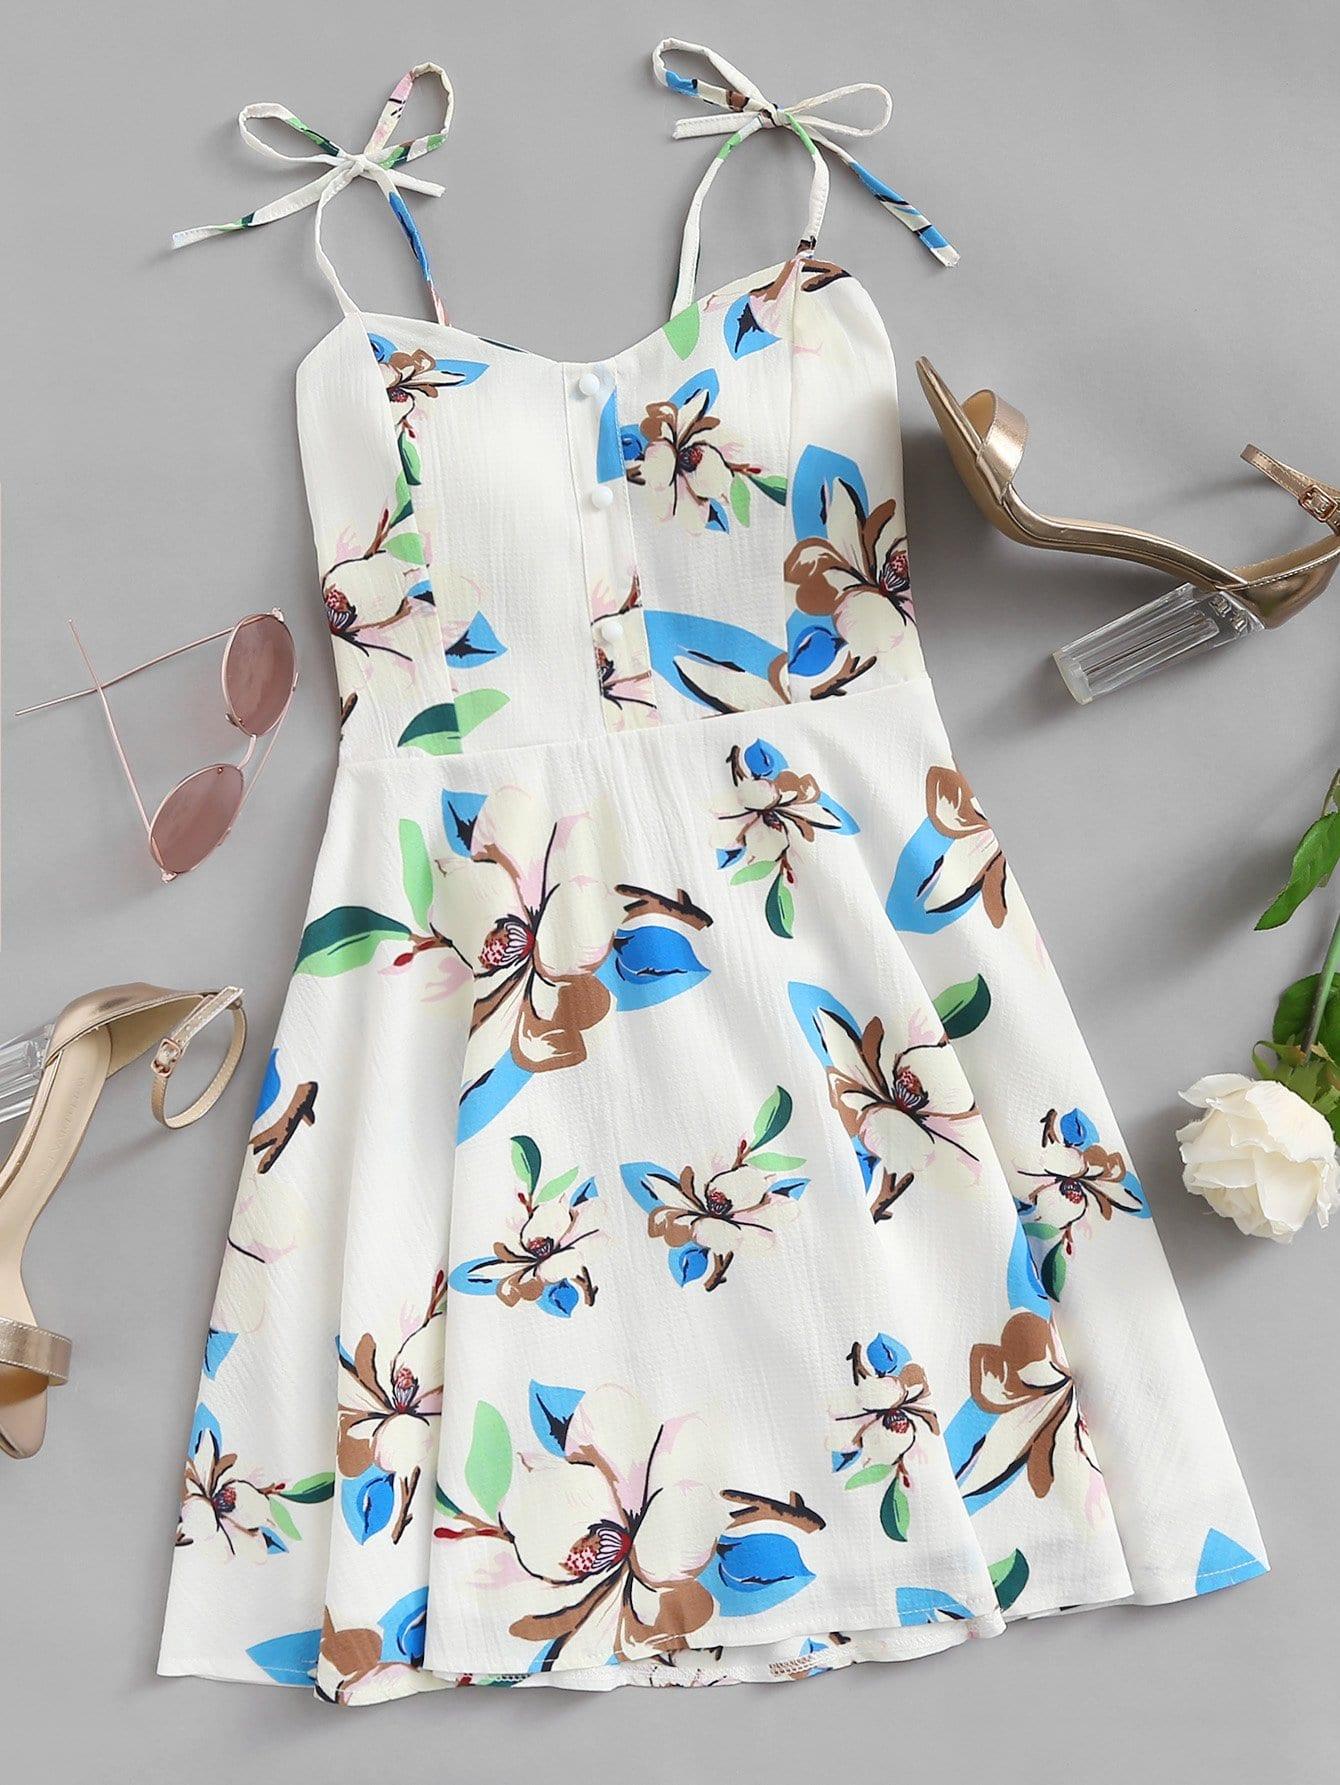 Cami Kleid mit Blumenmuster, Plissee hinten und Knoten - German romwe